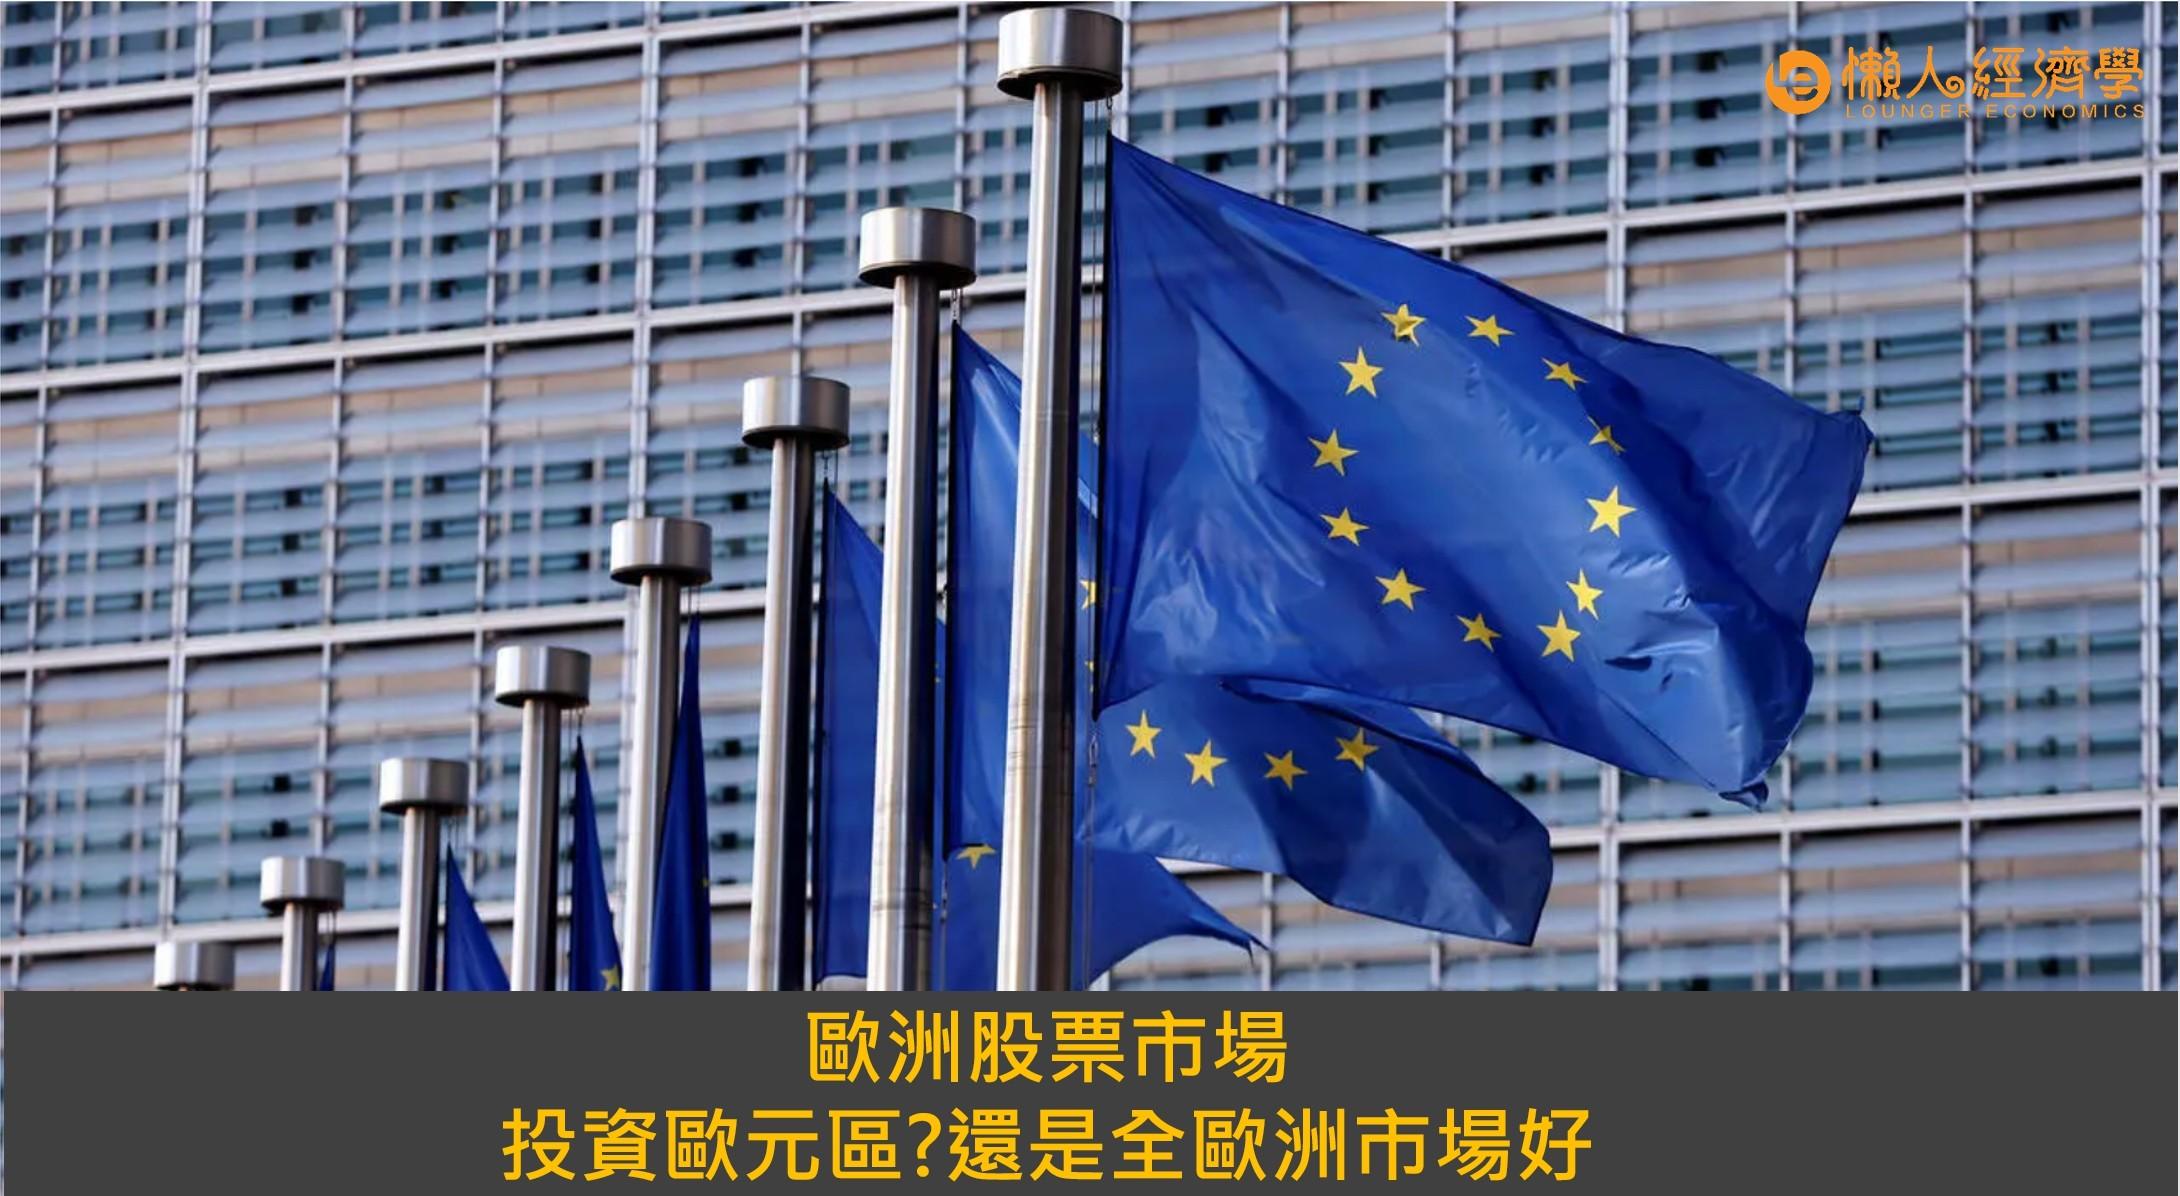 歐洲股票市場介紹